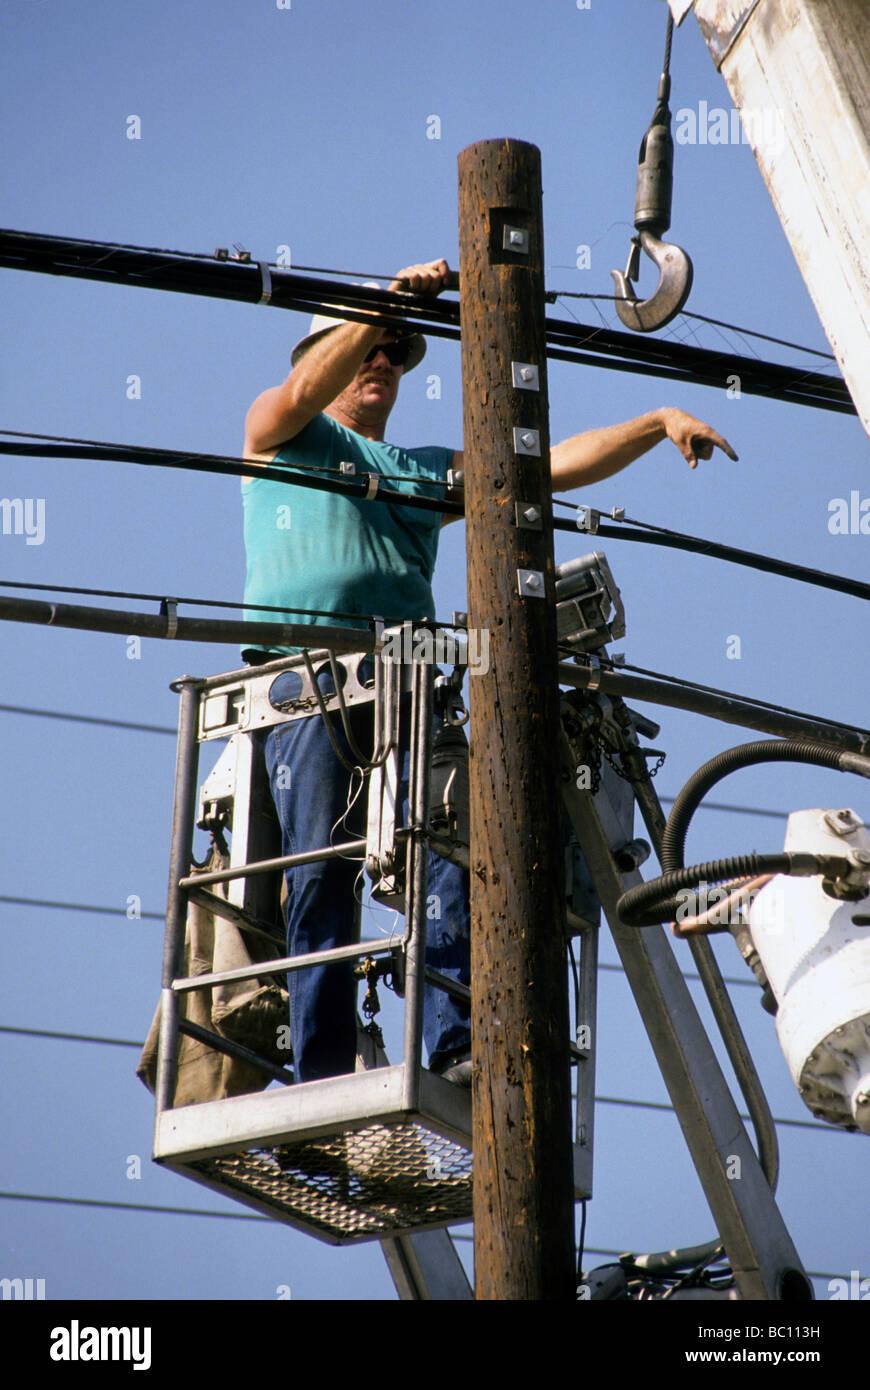 Ziemlich Elektrischer Draht Und Kabel Bilder - Elektrische ...